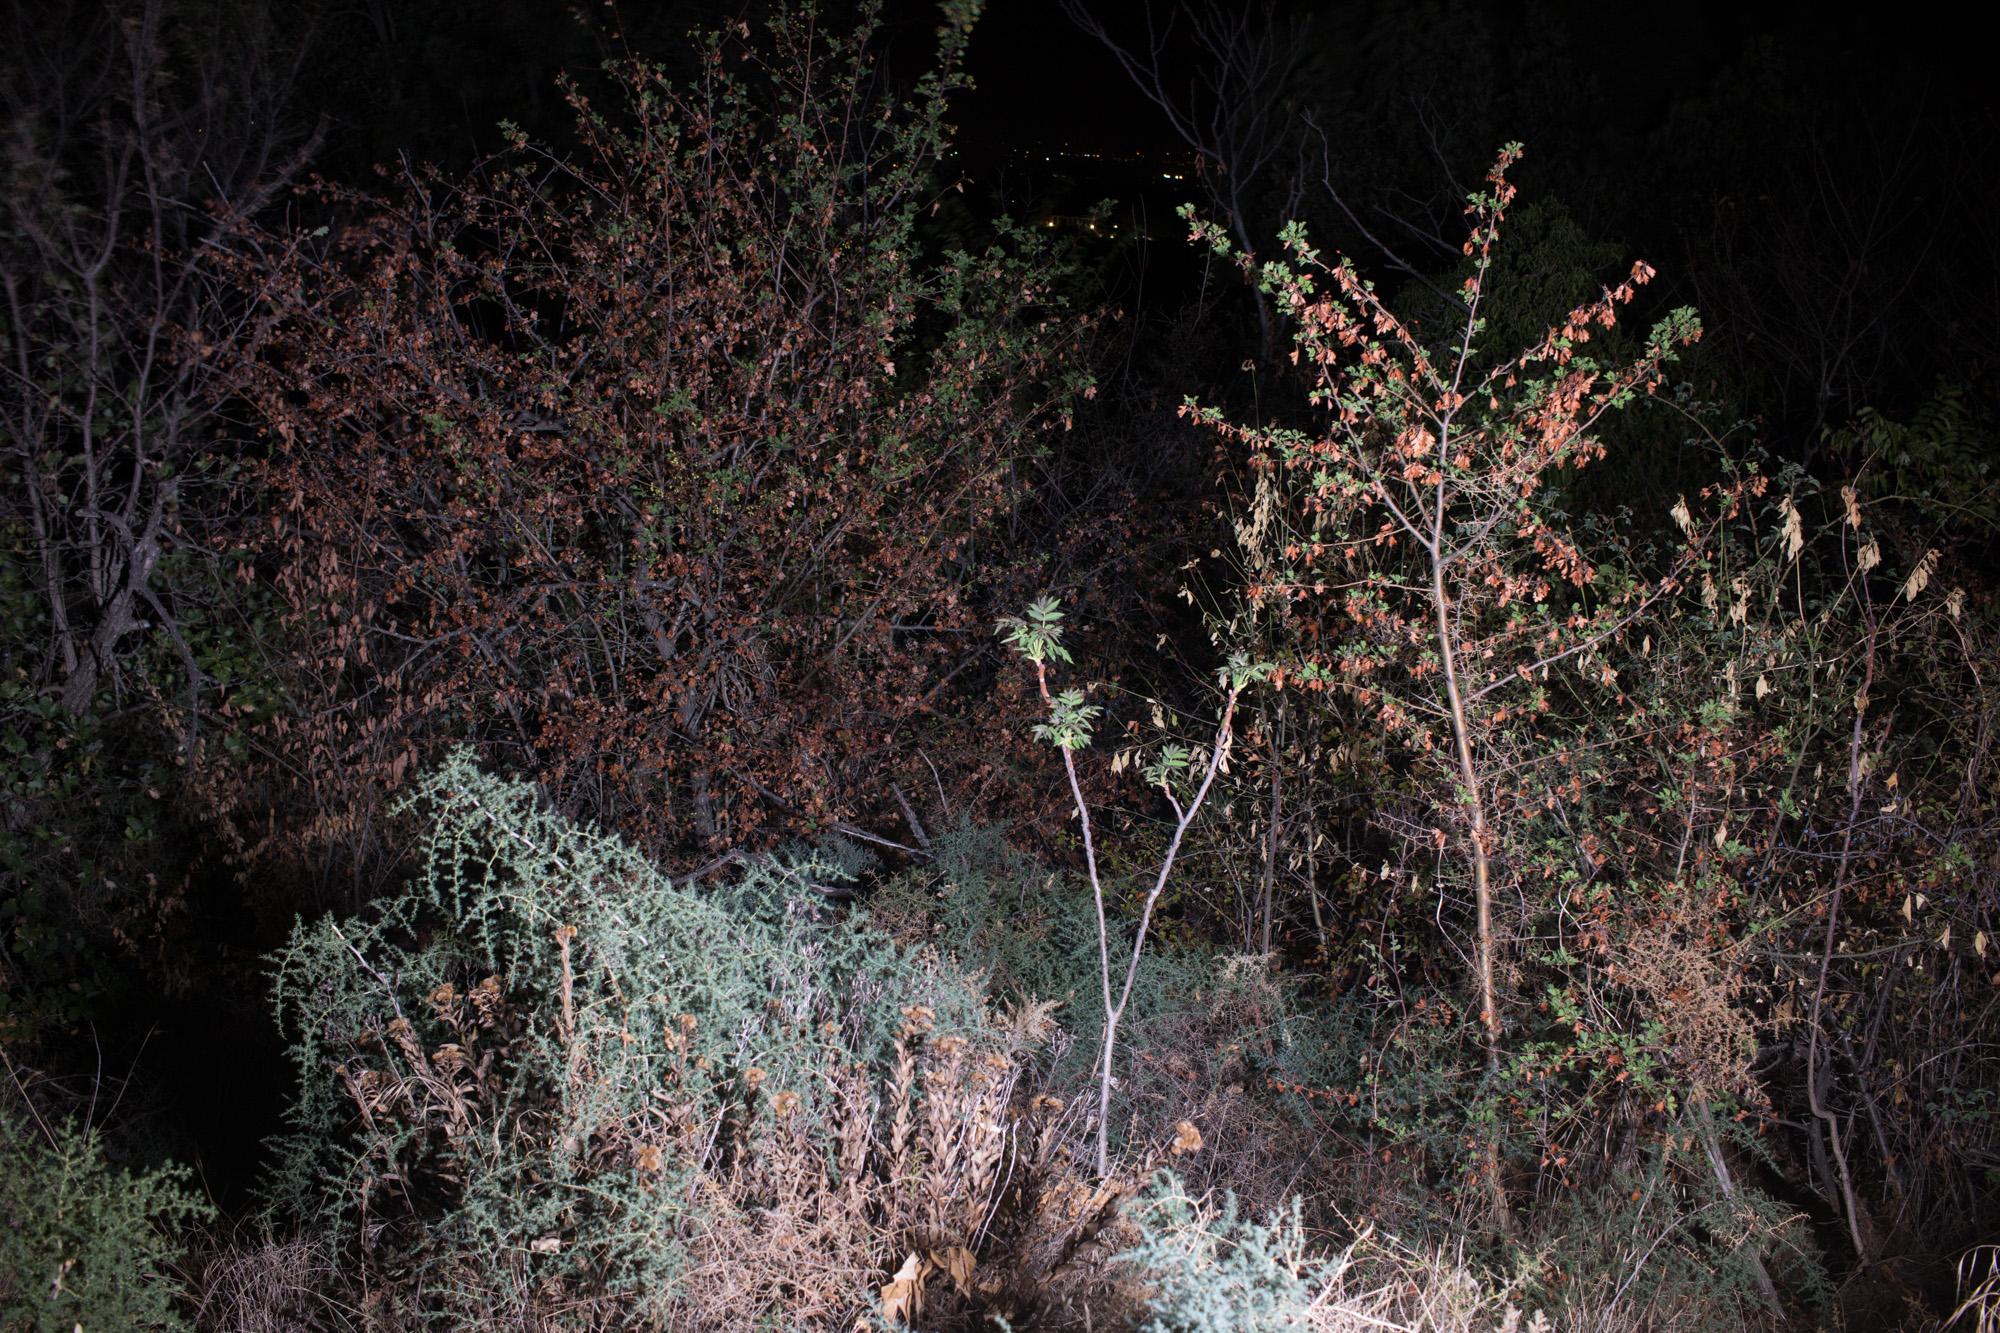 Il bello essenziale nella fotografia notturna 09